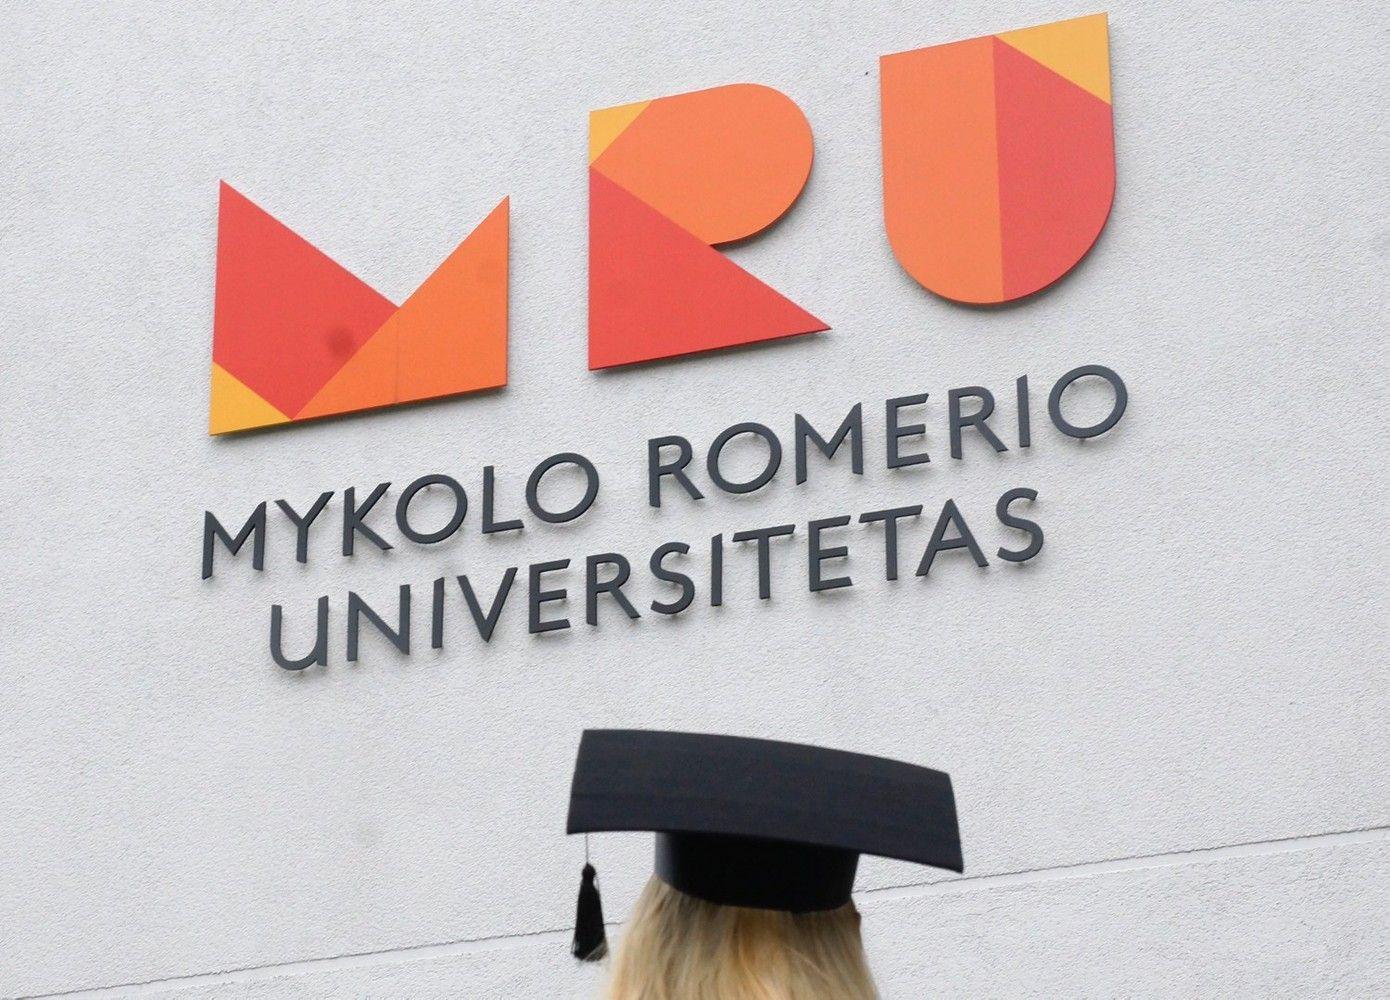 Išrinkta Mykolo Romerio universiteto rektorė